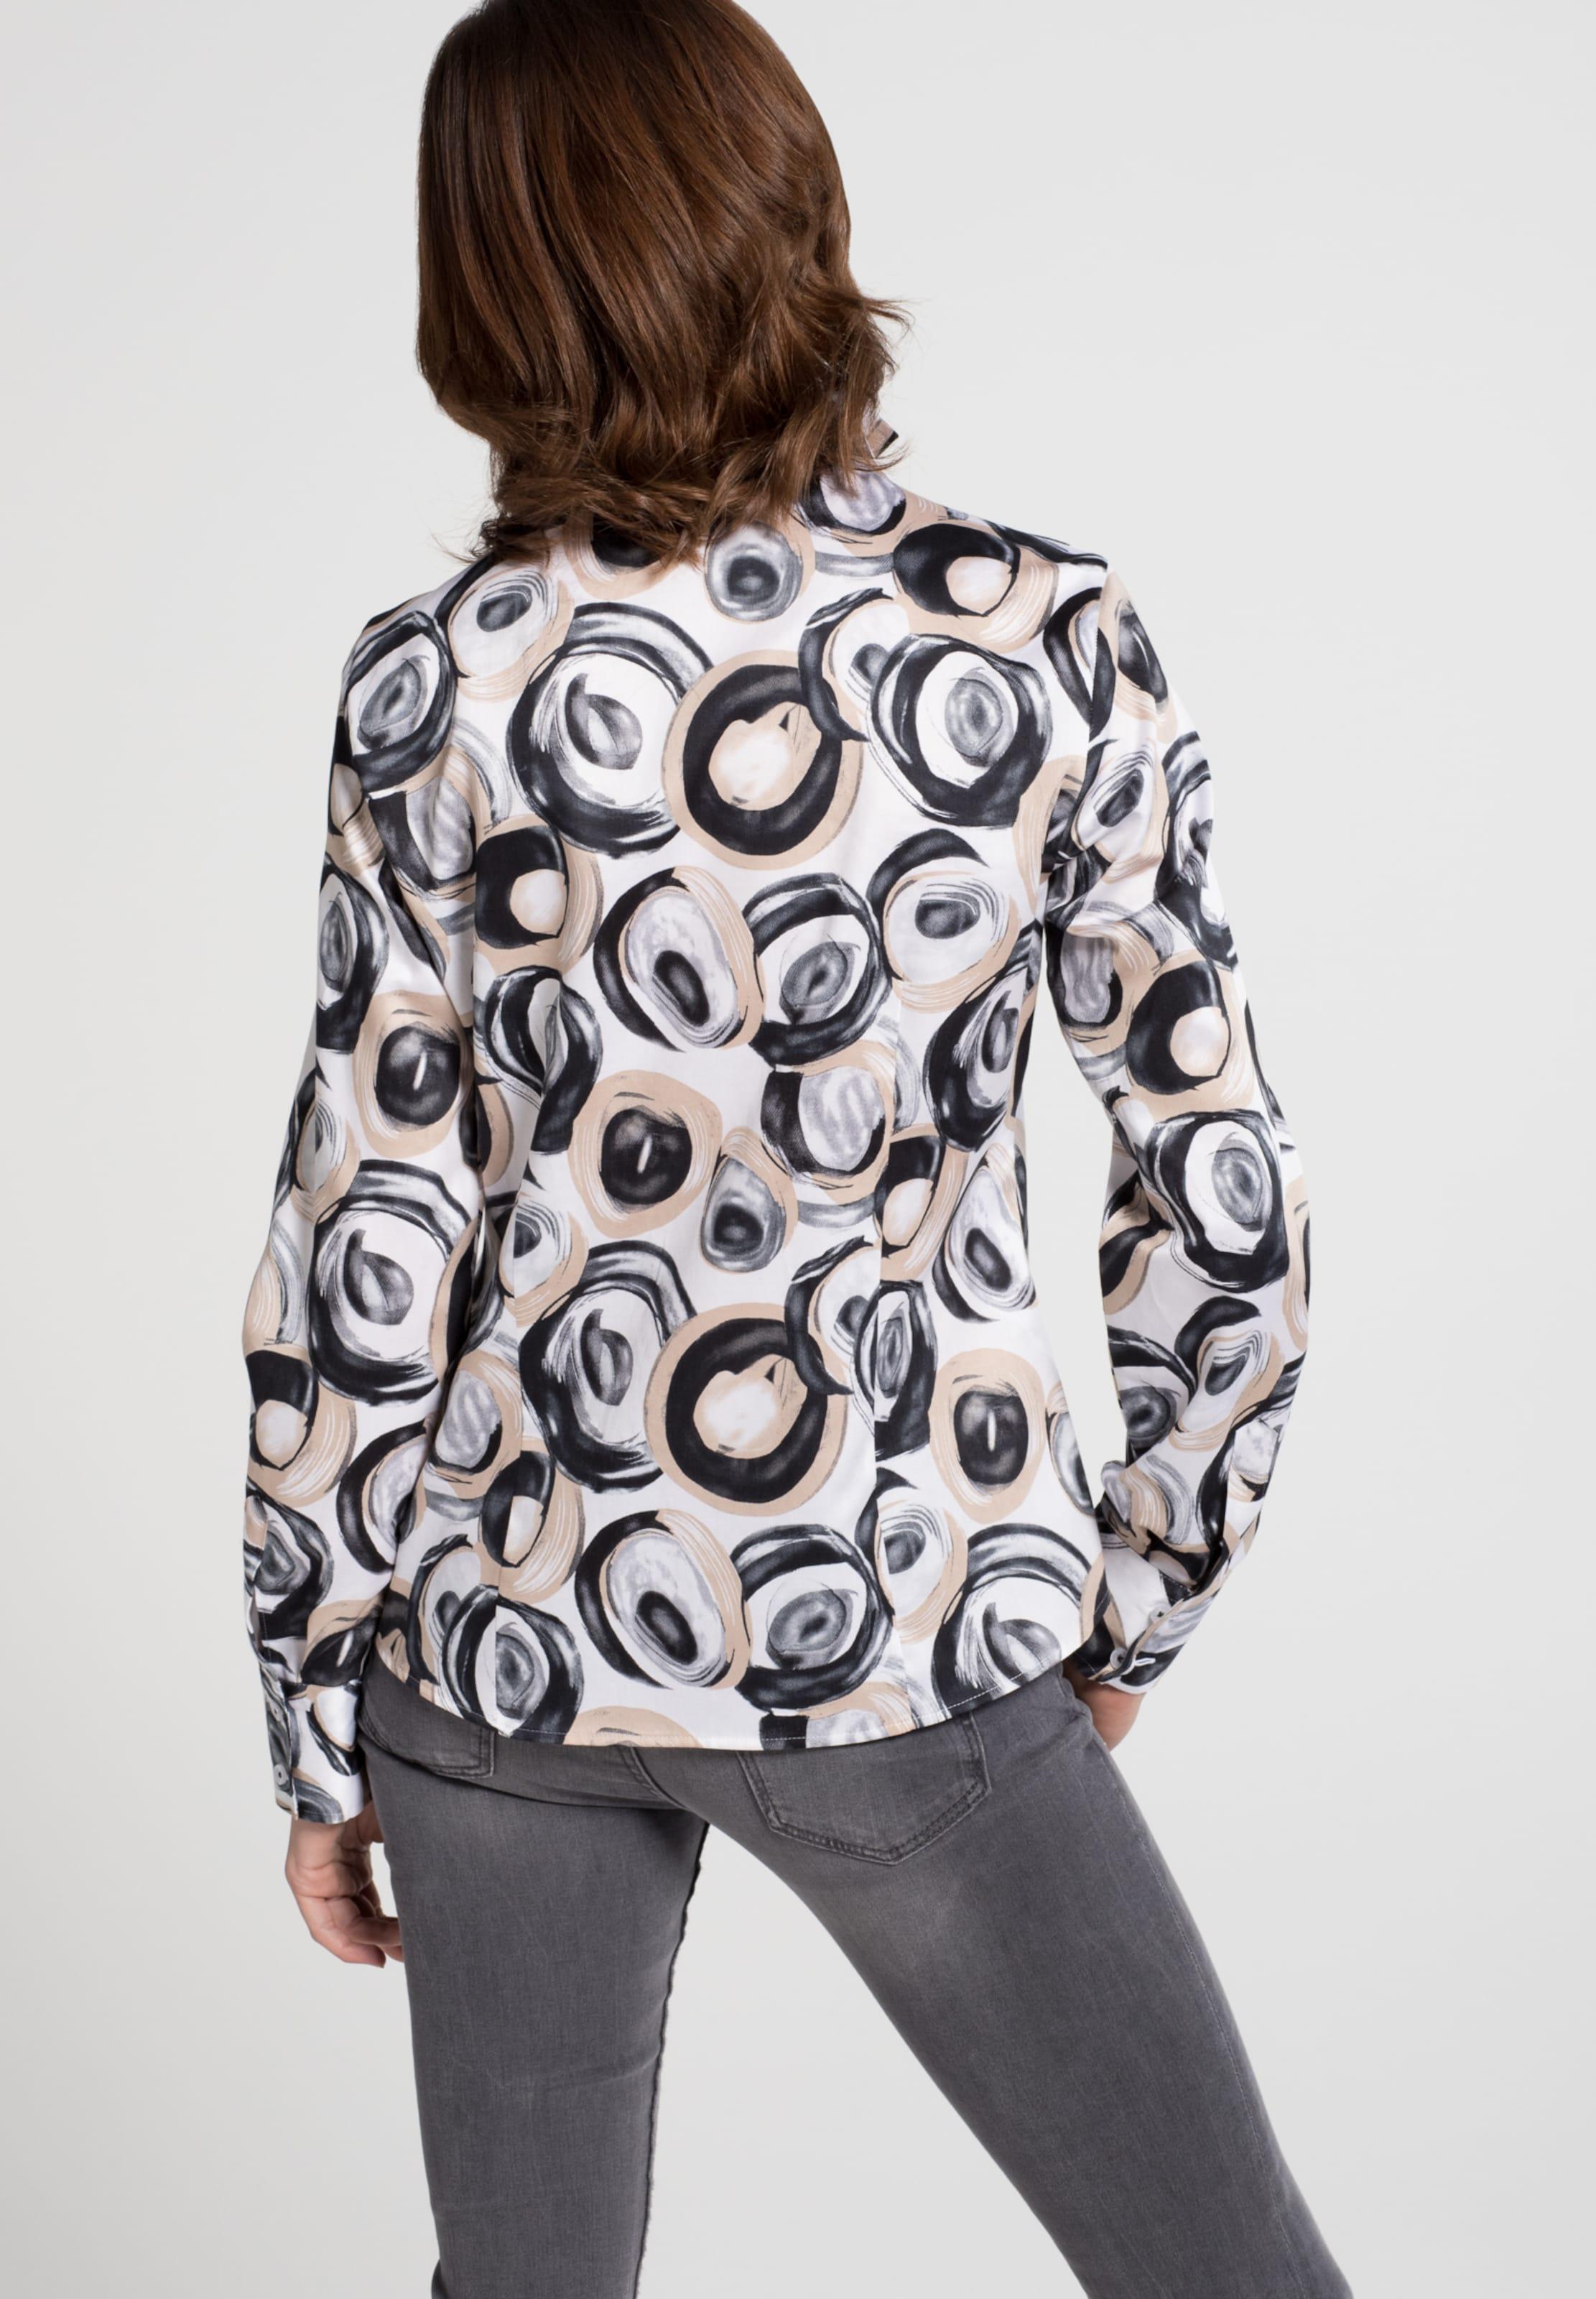 Billig Verkauf Gut Verkaufen In Deutschland Billig ETERNA Langarm Bluse MODERN CLASSIC YlNUOq